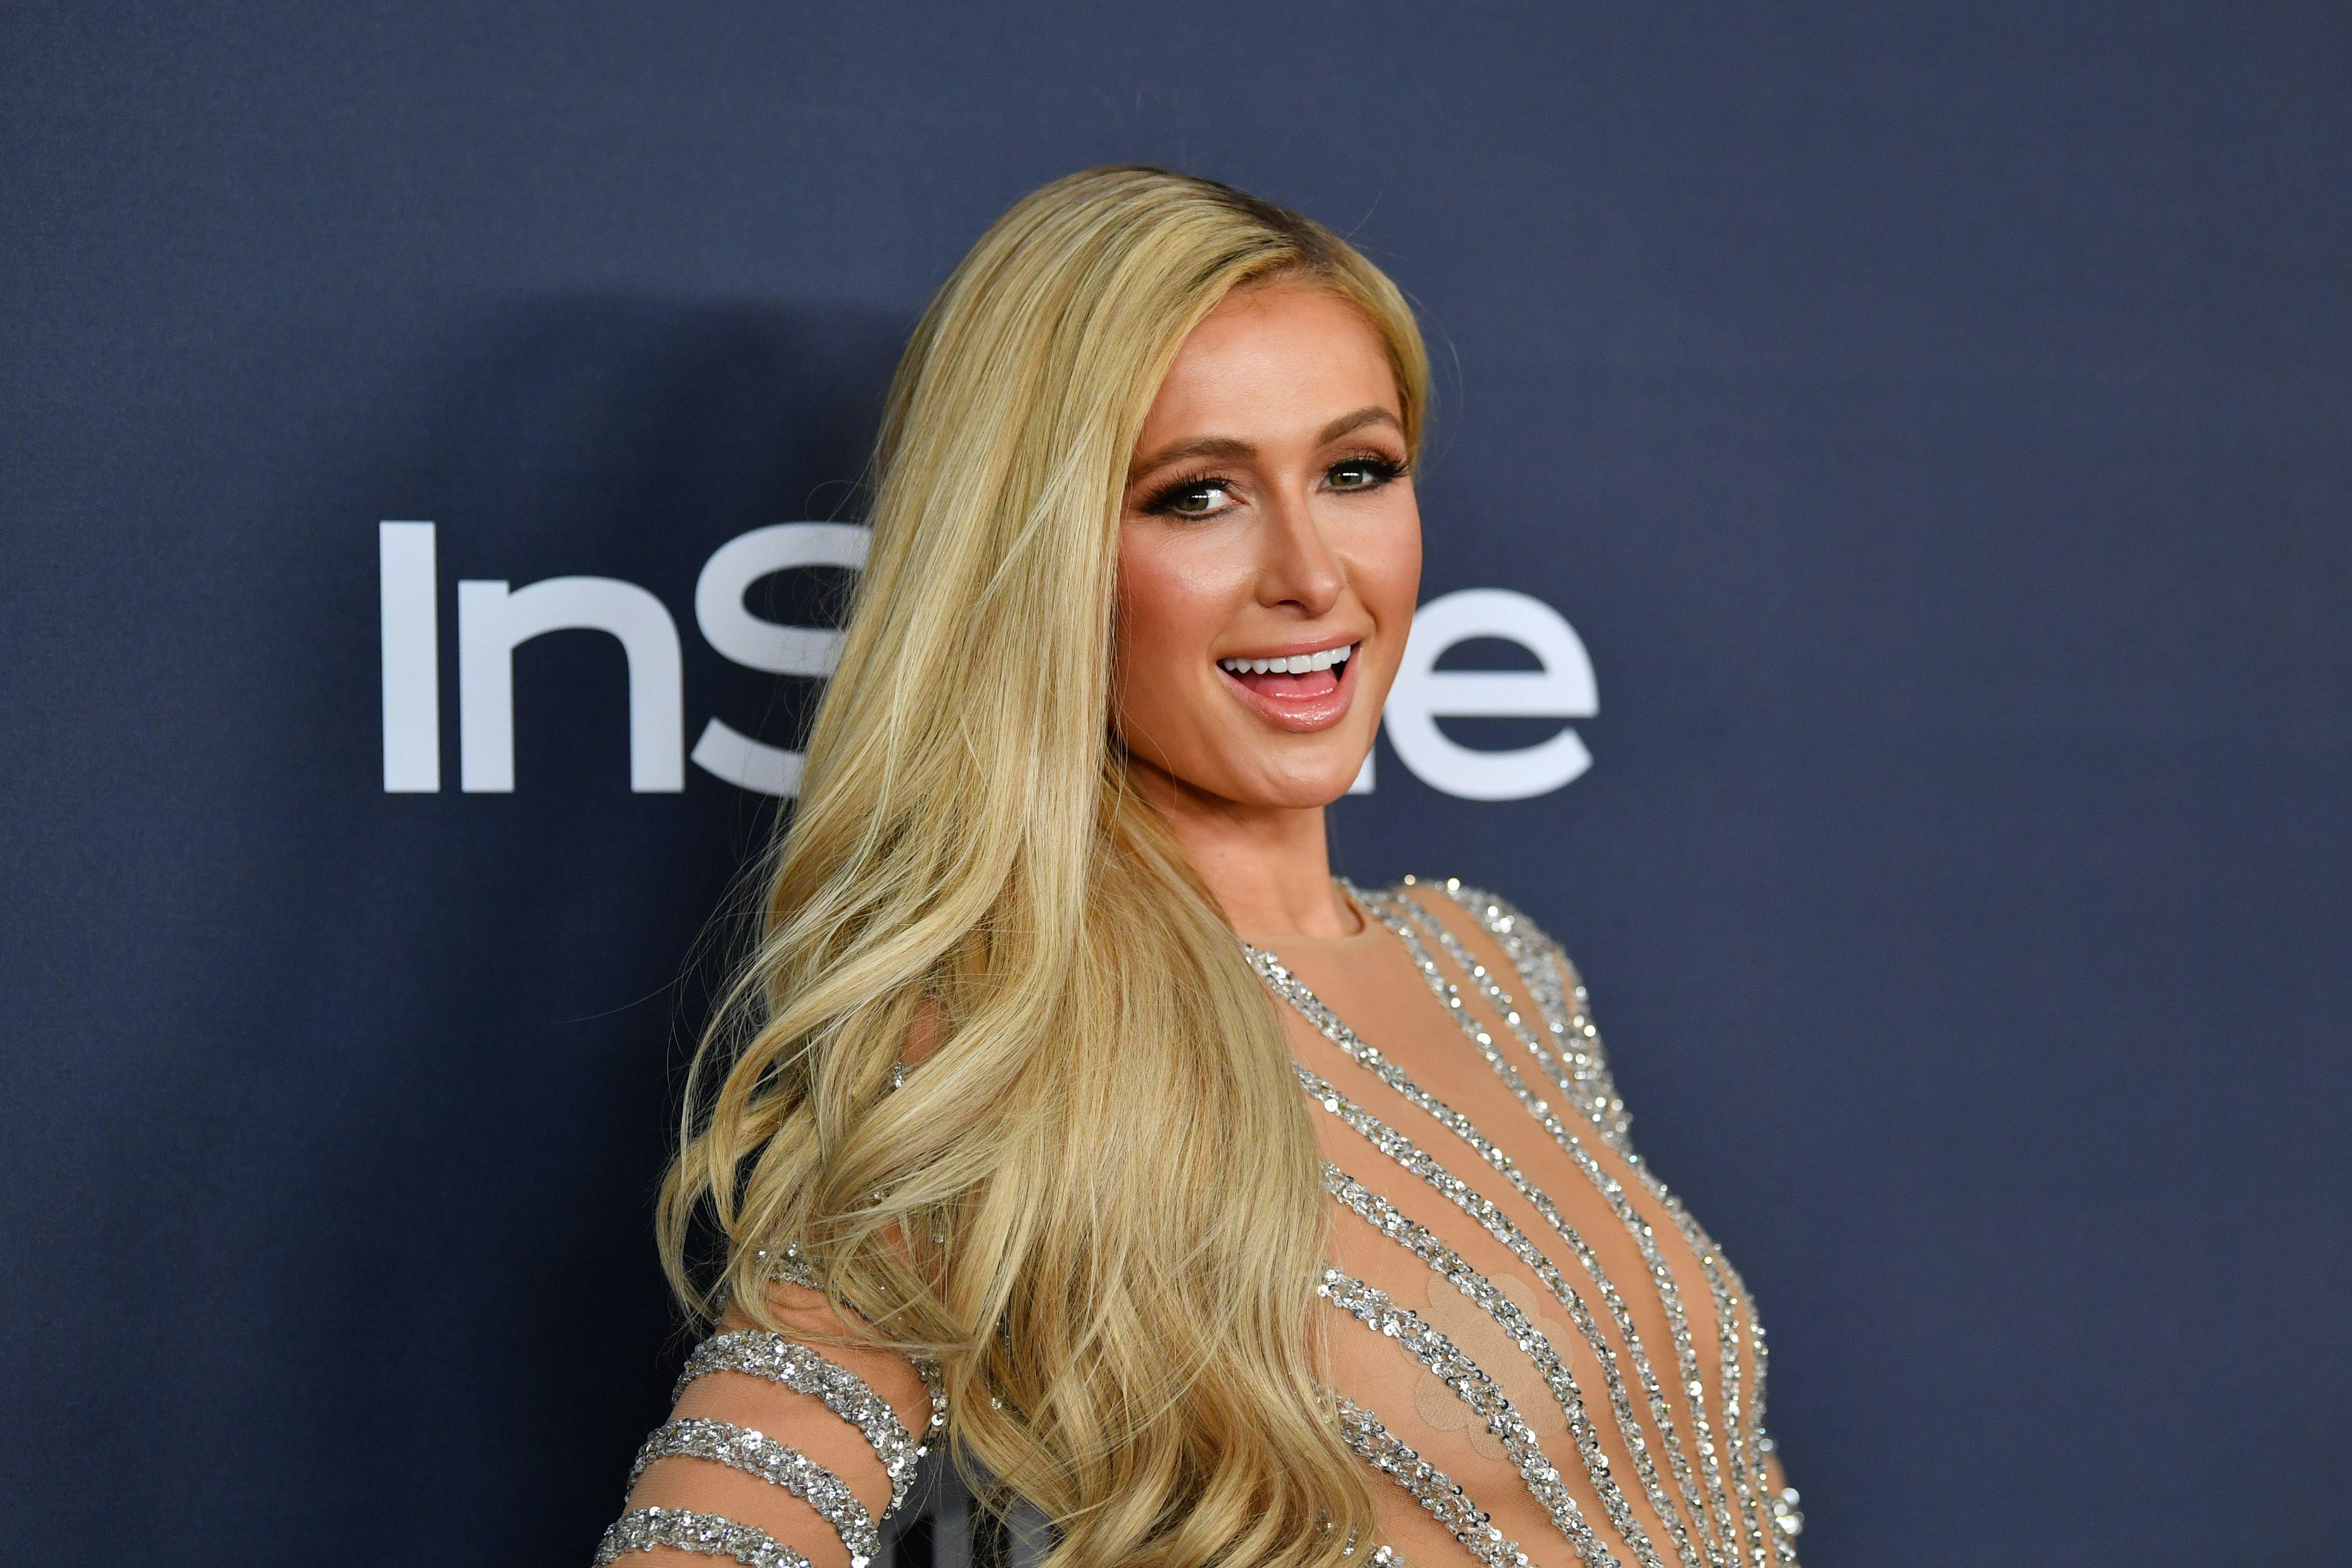 Paris Hilton surprises fans with new documentary